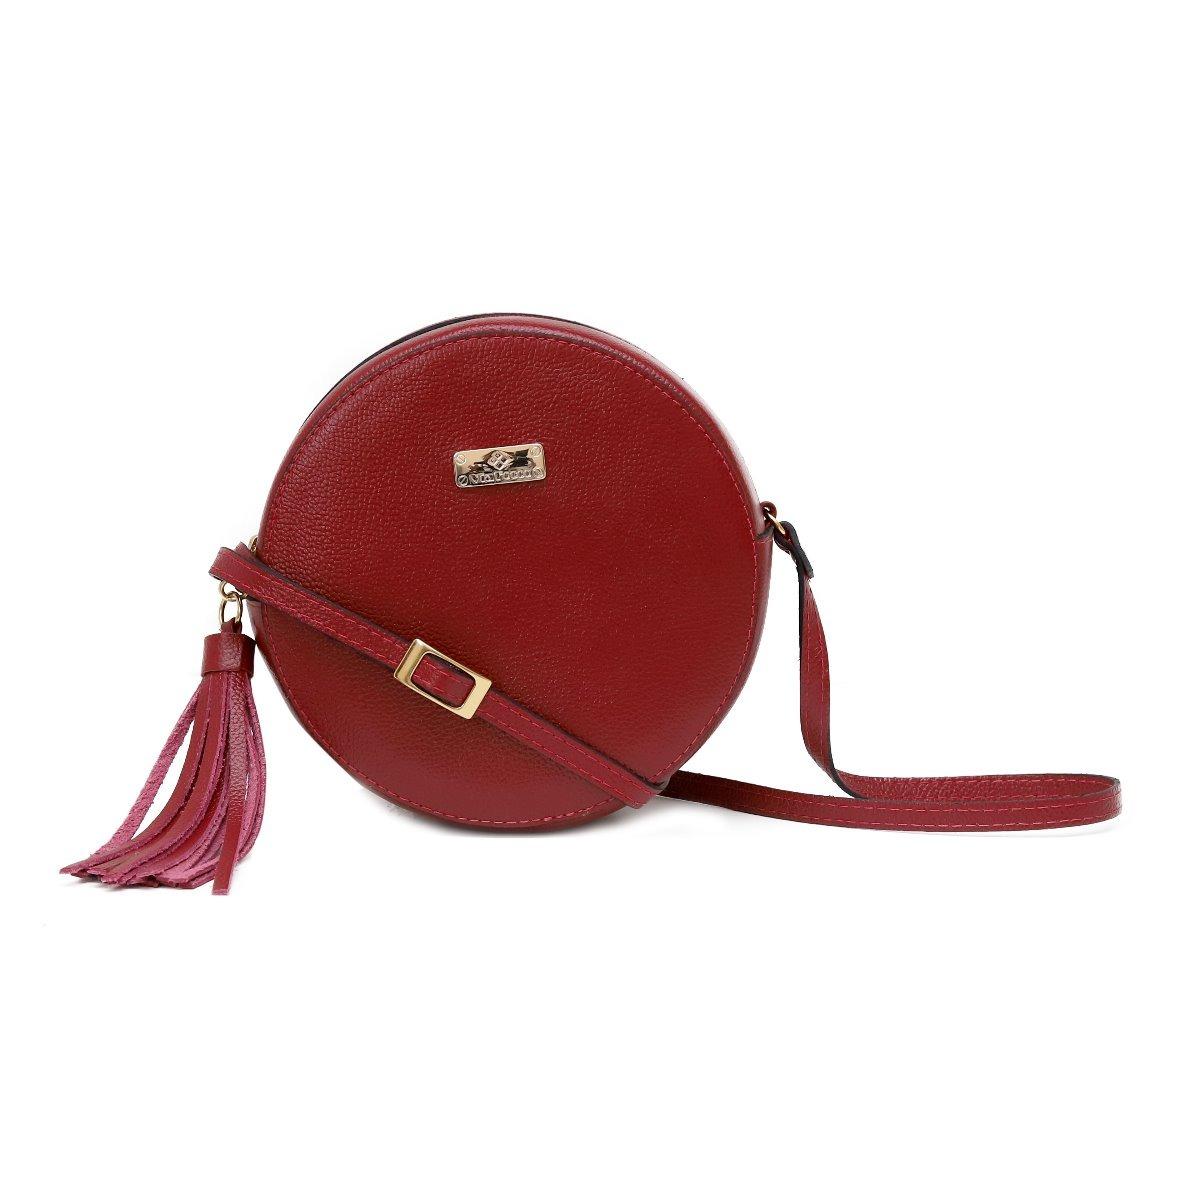 391661ae6 bolsas femininas baratas de couro legítimo modelo redonda. Carregando zoom.